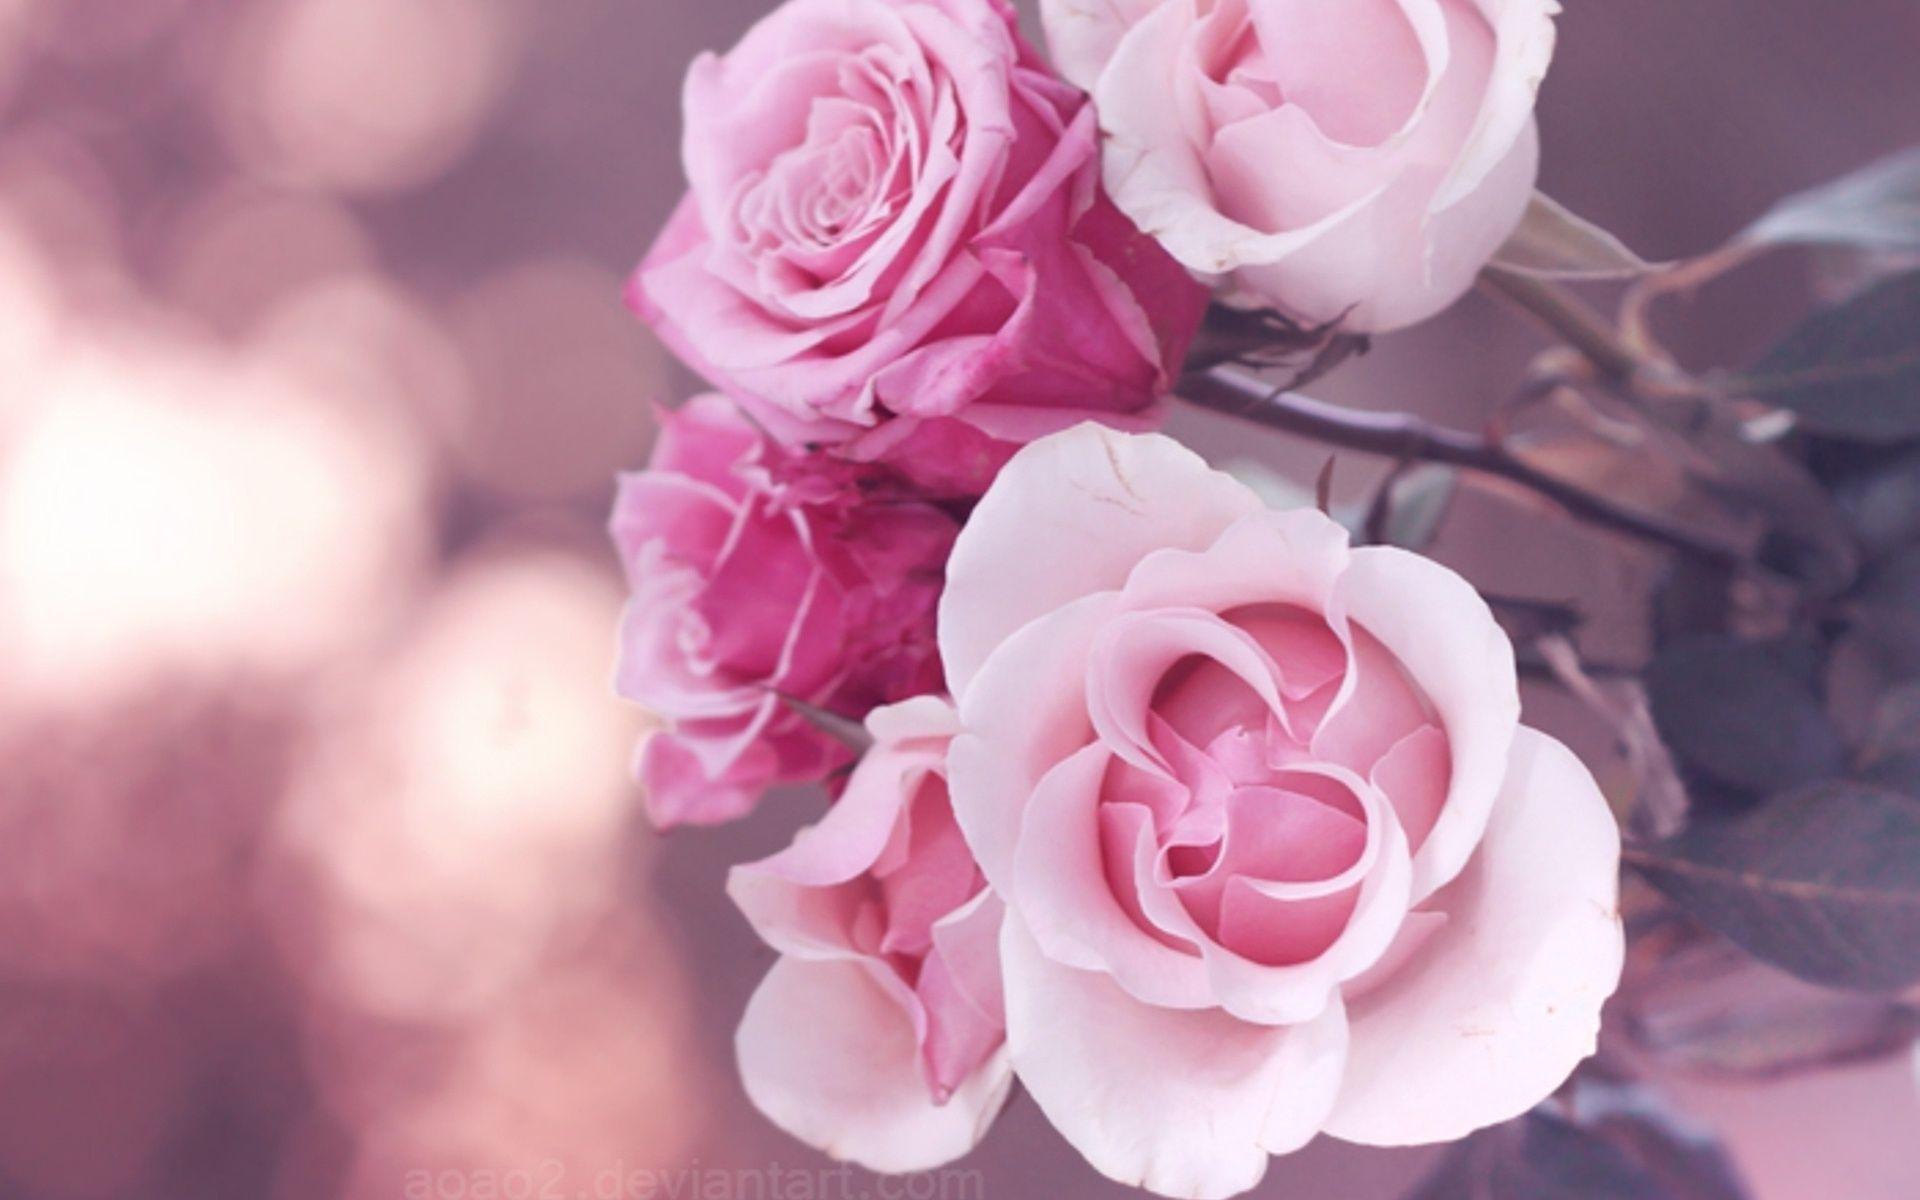 Epingle Par Le Paih Emeline Sur Fleurs Fond D Ecran Fleur Rose Fleur Rose Papier Peint Rose